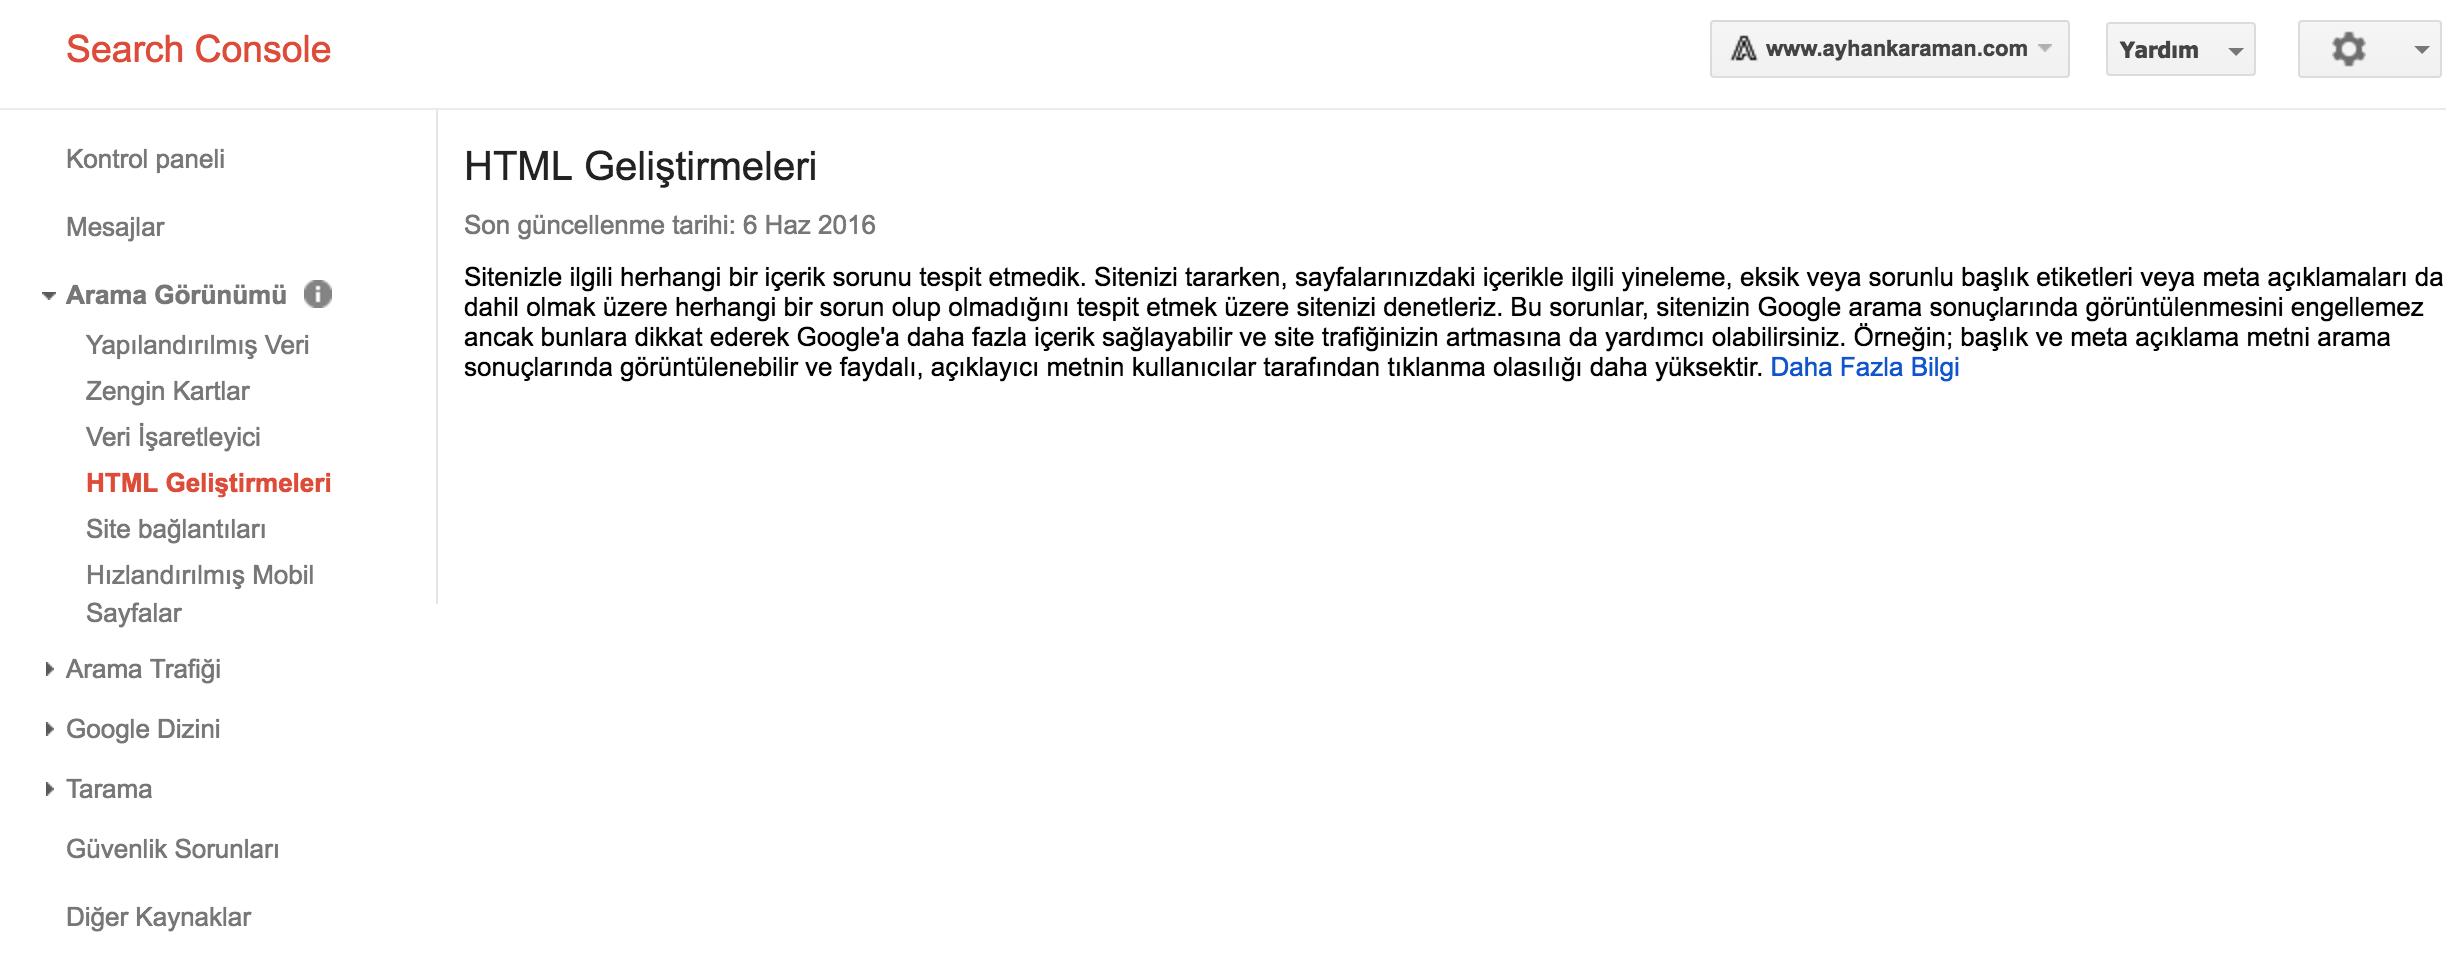 html-gelistirmeleri